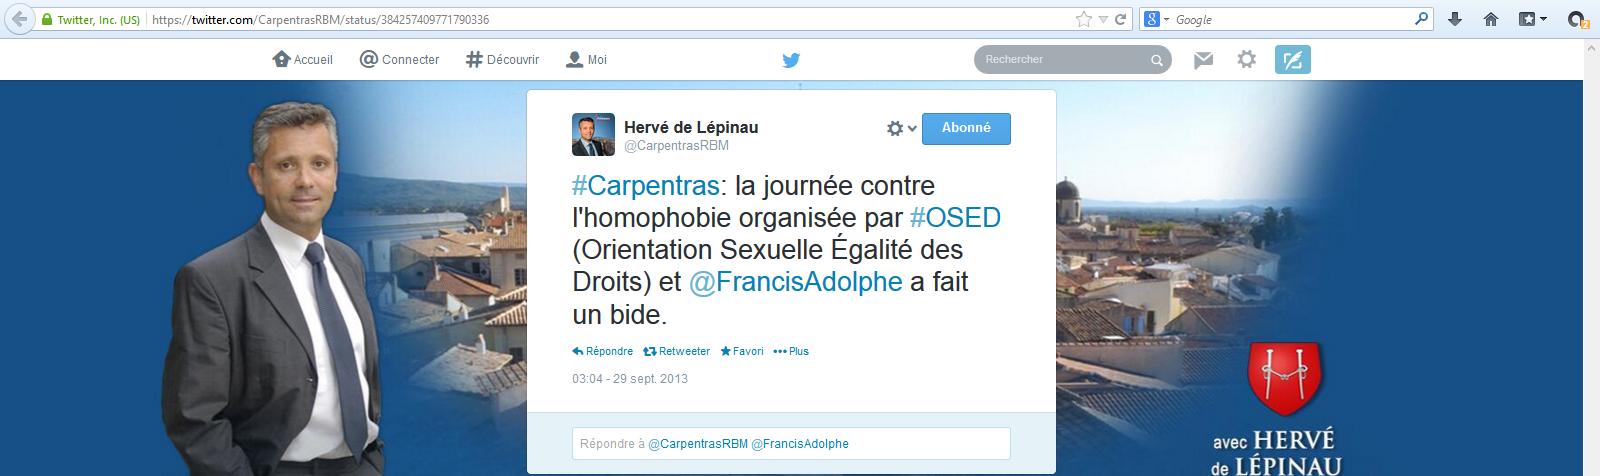 journee_contre_l-homophobie